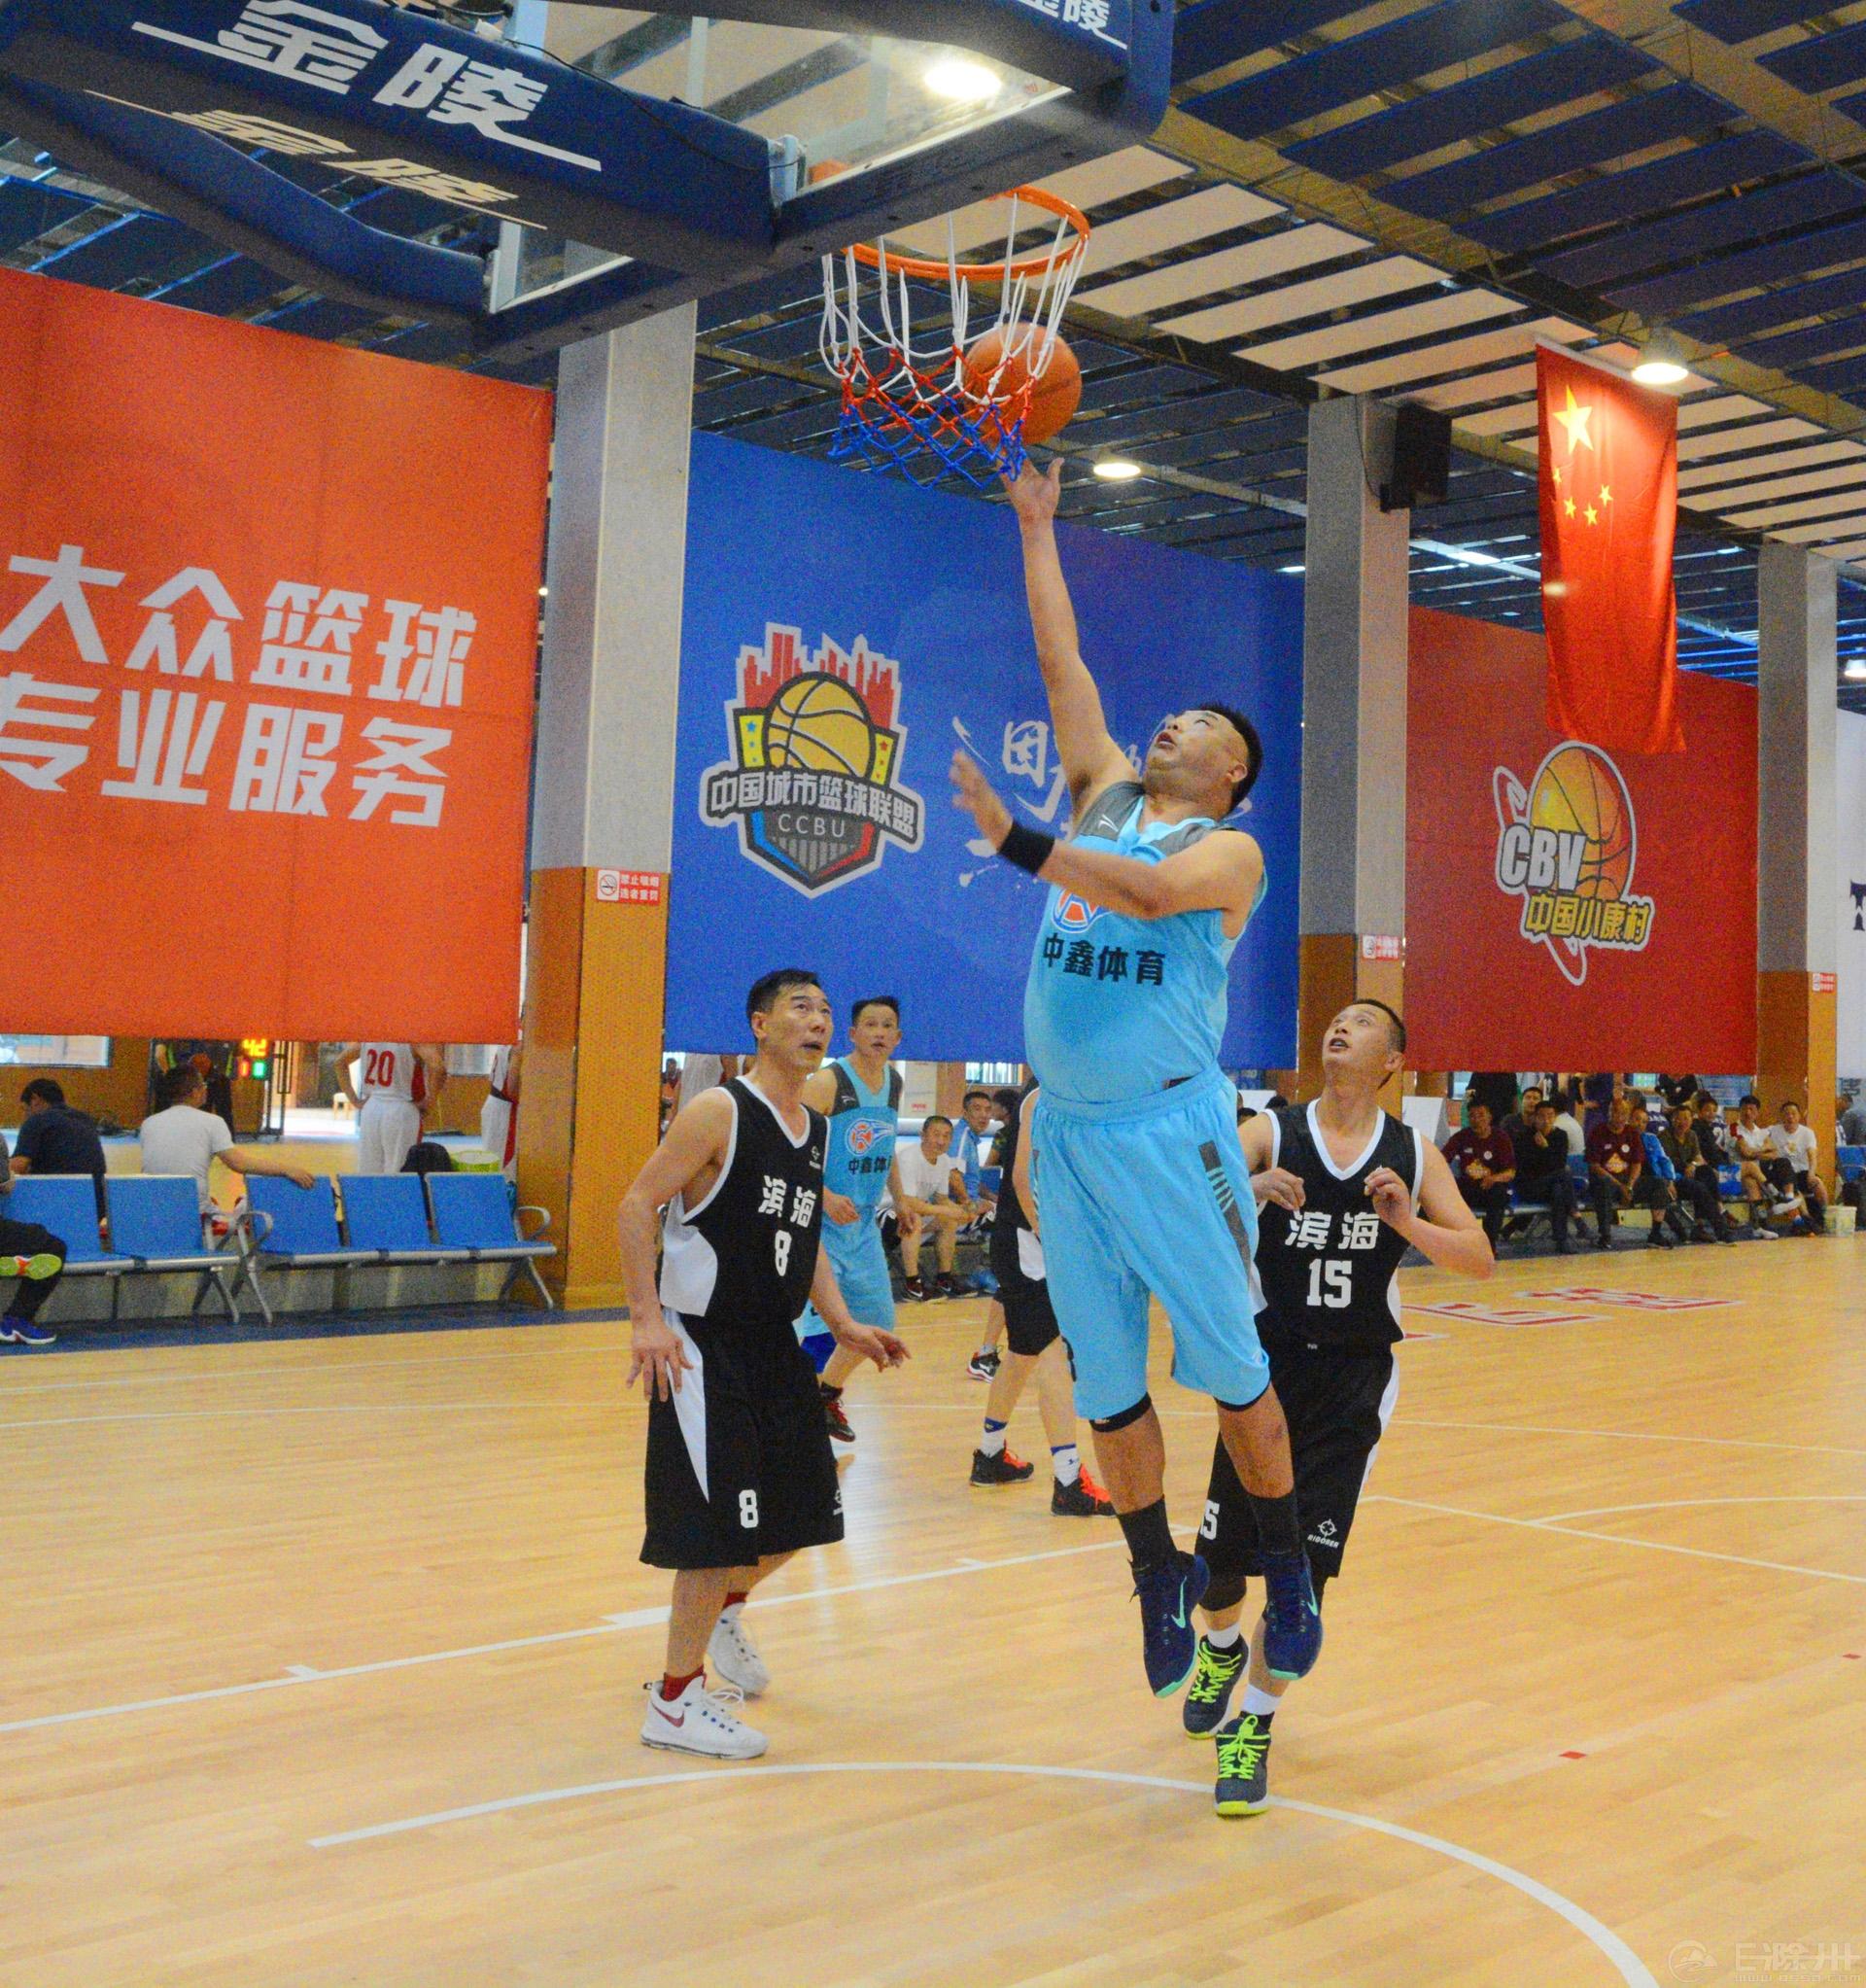 03 《篮球赛在姑塘》 18075281578 拷贝.jpg